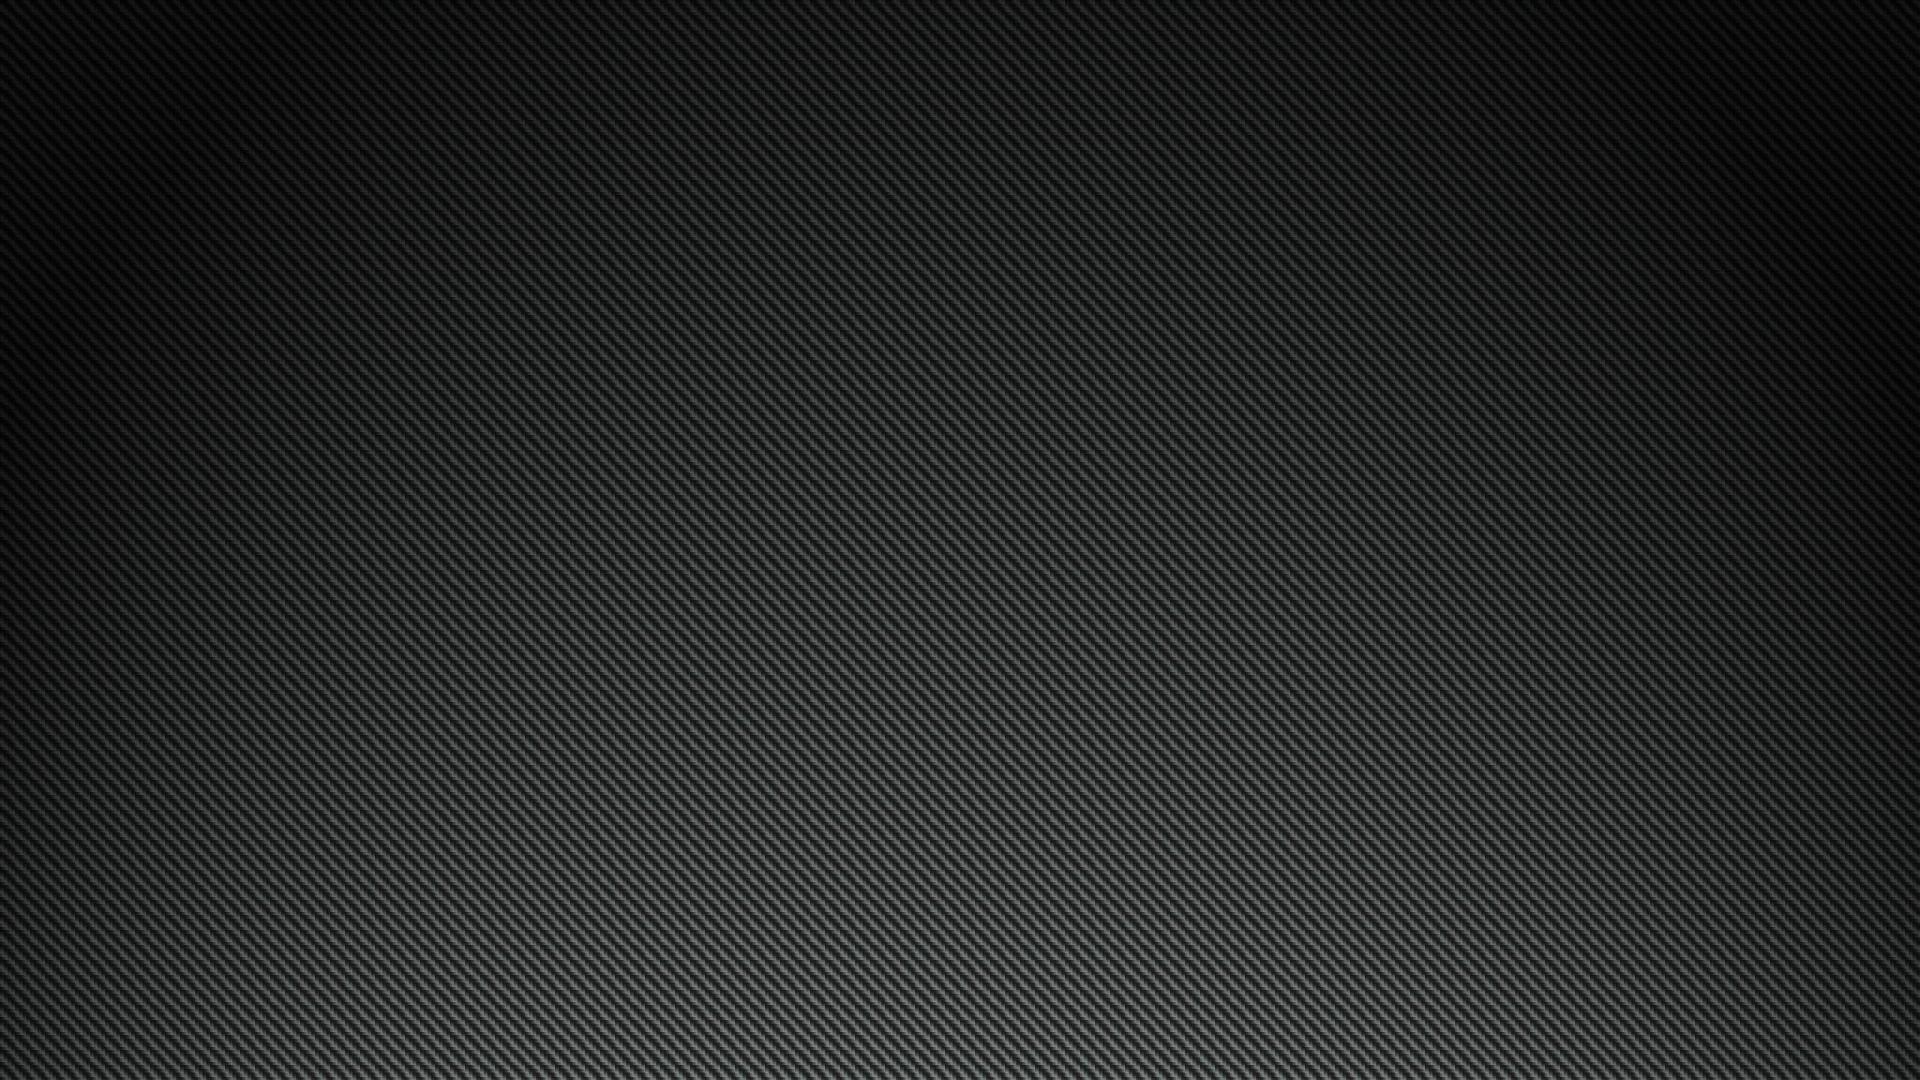 Carbon Fiber desktop wallpaper